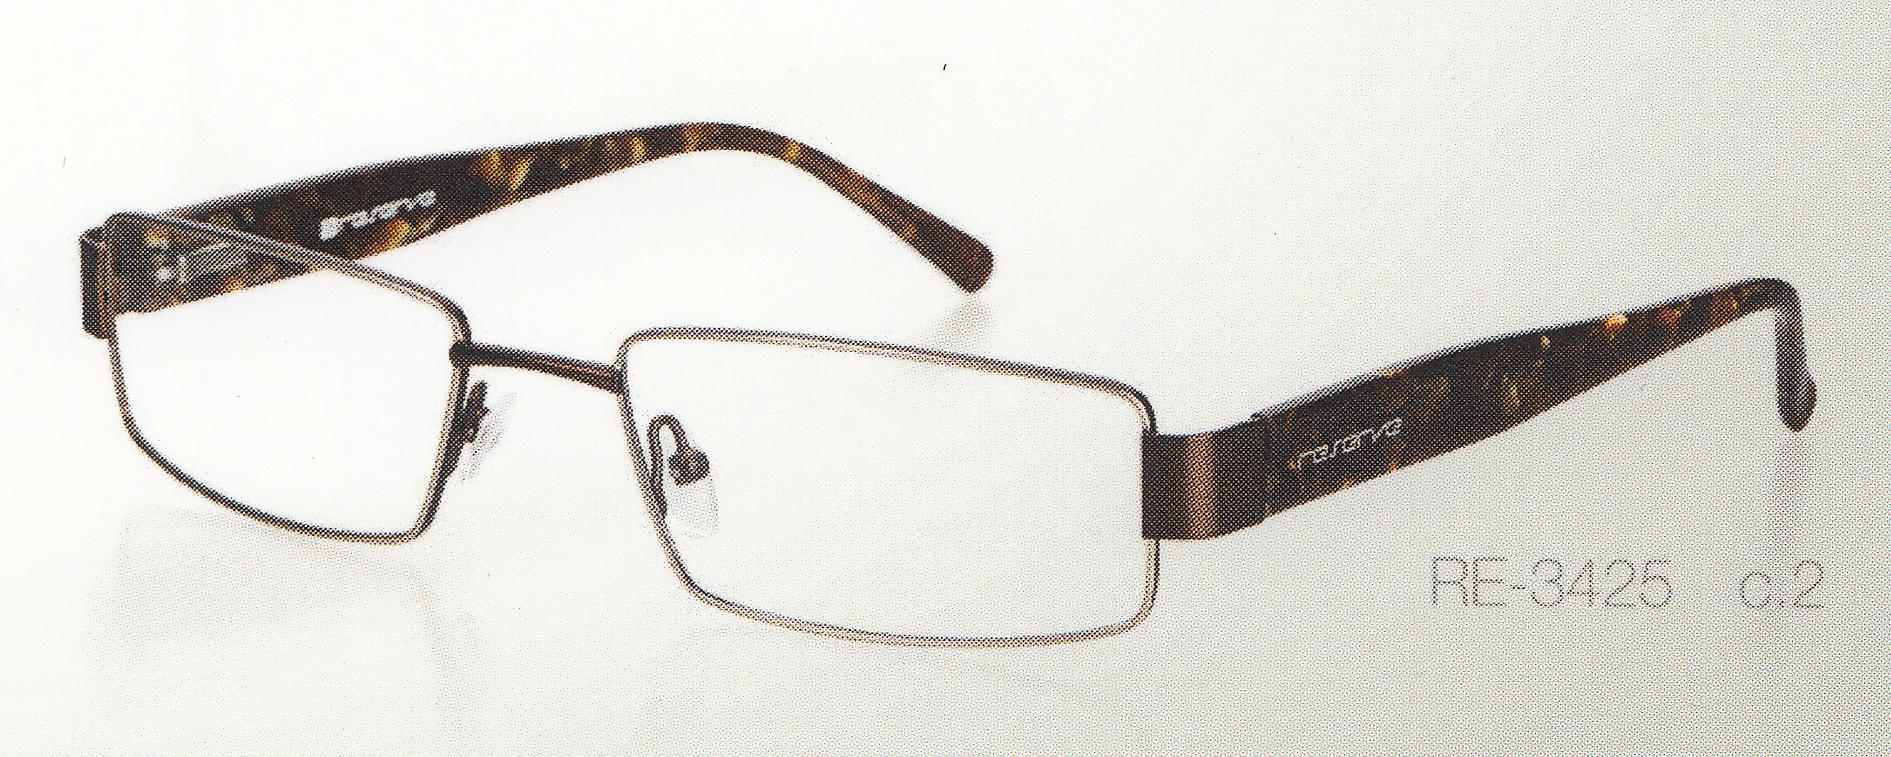 Dioptrické okuliare Reserve 3425 č.2  5e16cefc67f